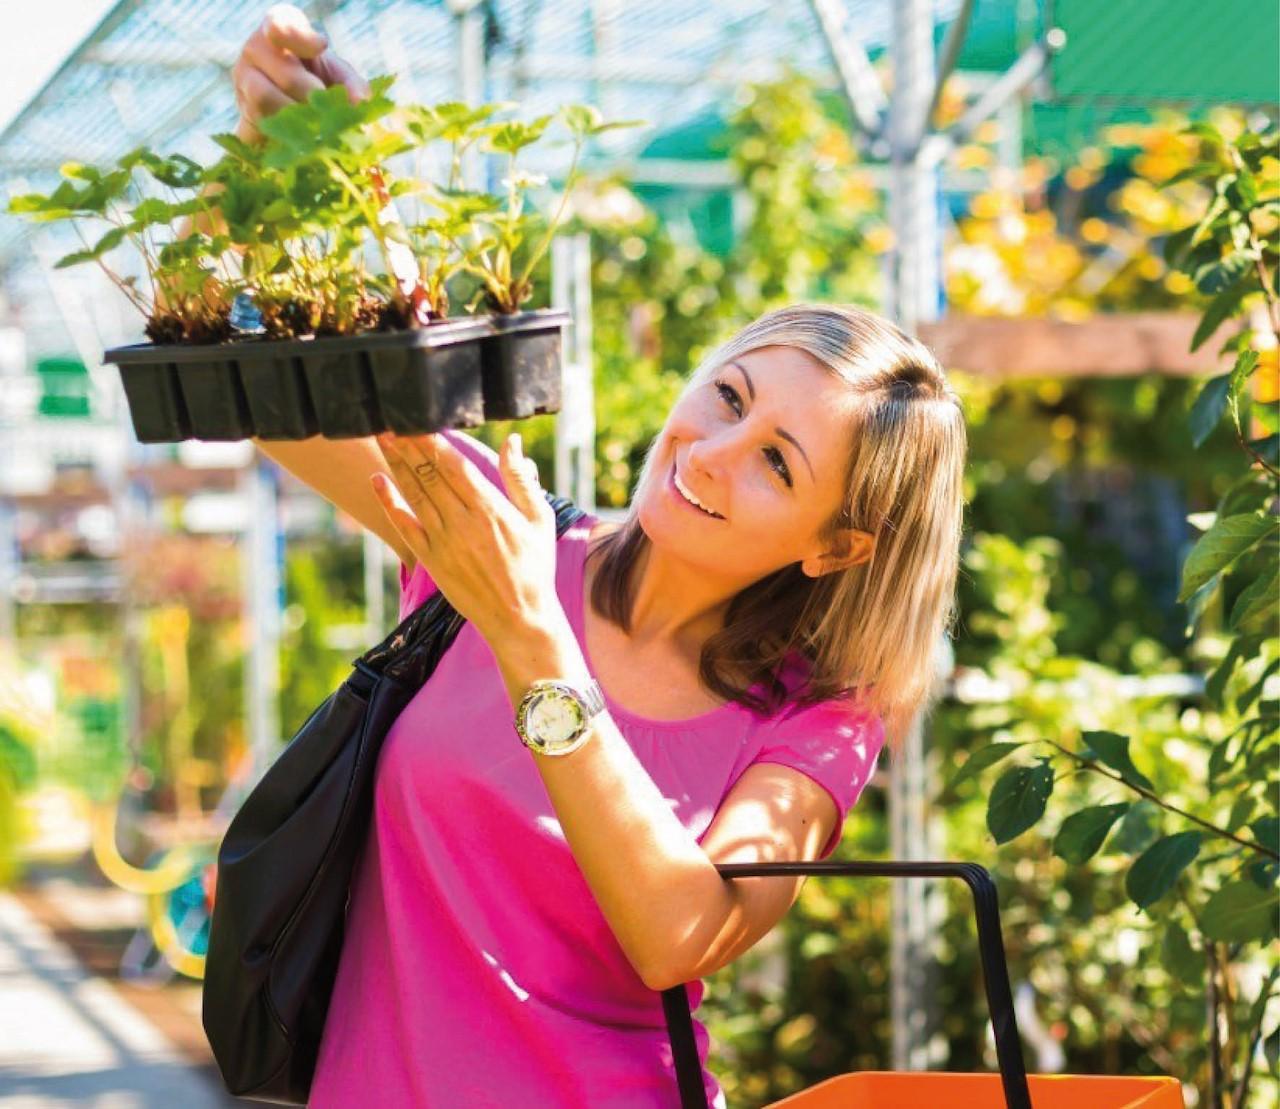 Waar moet je op letten als je een plant koopt?